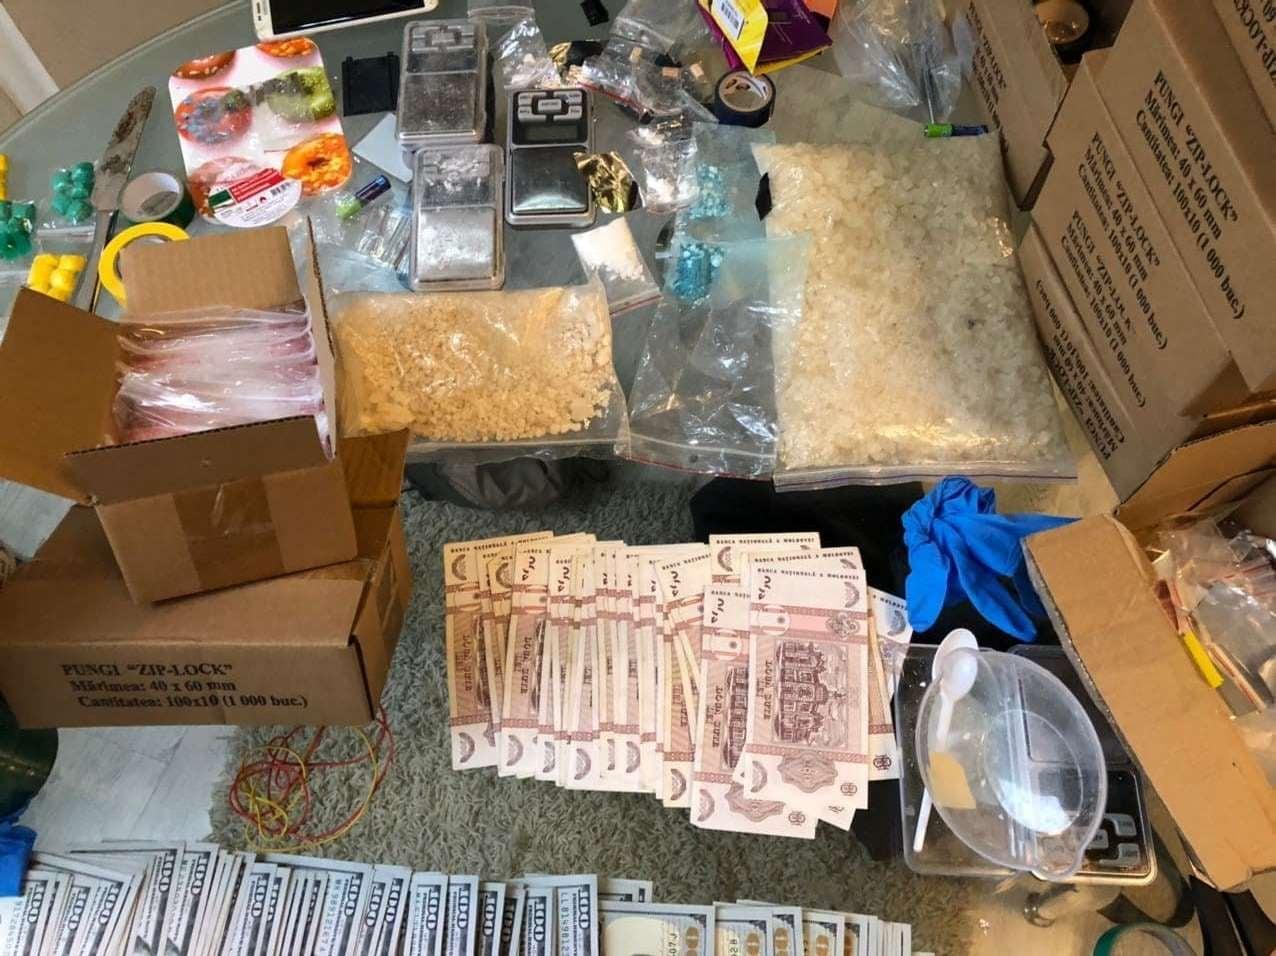 """""""Afacere"""" de 8 mln de lei. Nouă membri ai unei grupări au fost reținuți pentru comerț de droguri (VIDEO)"""